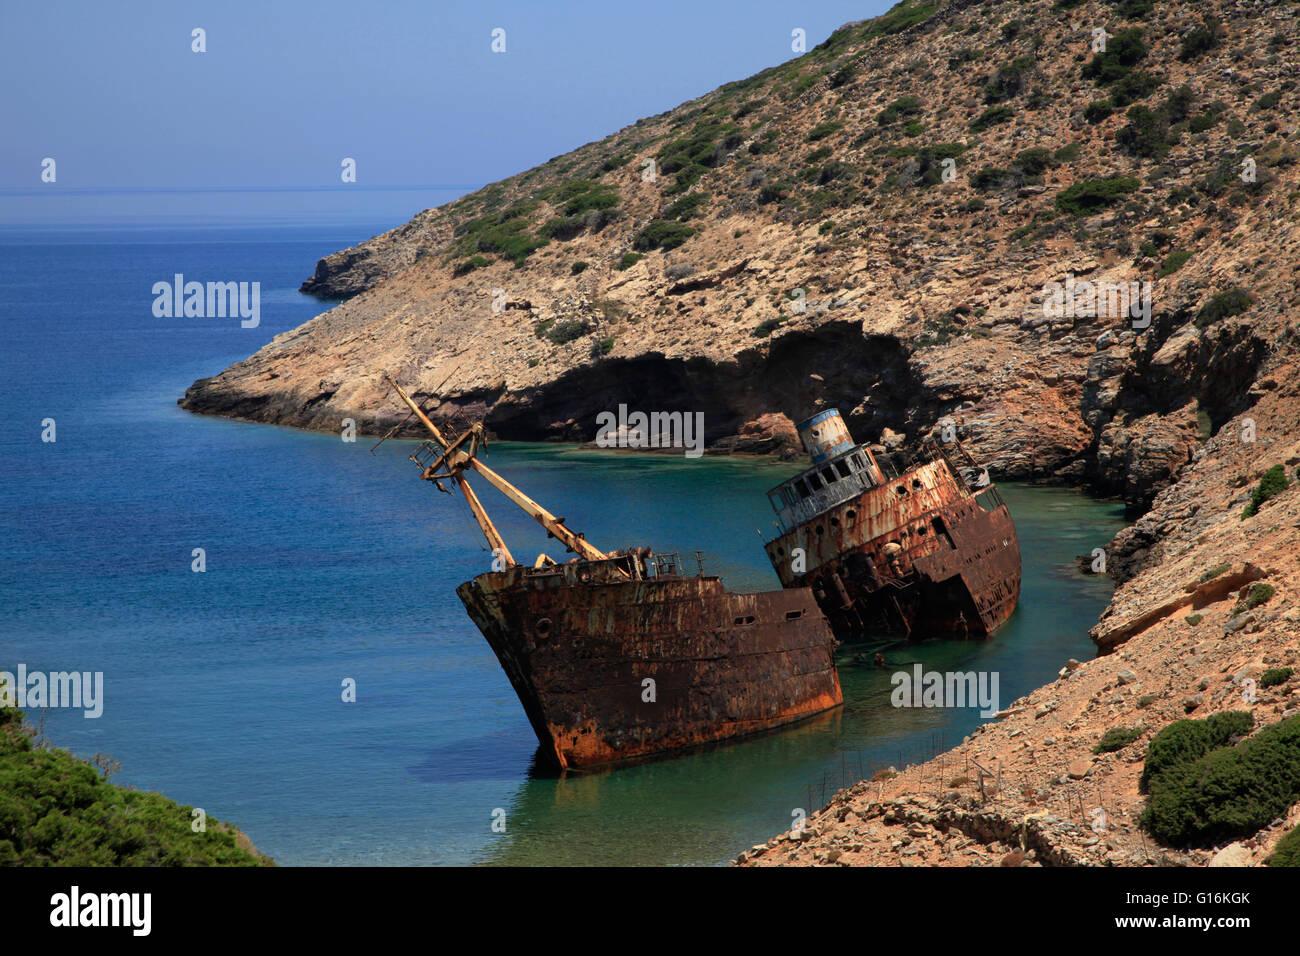 Schiffbruch auf Amorgos, Griechenland Stockfoto